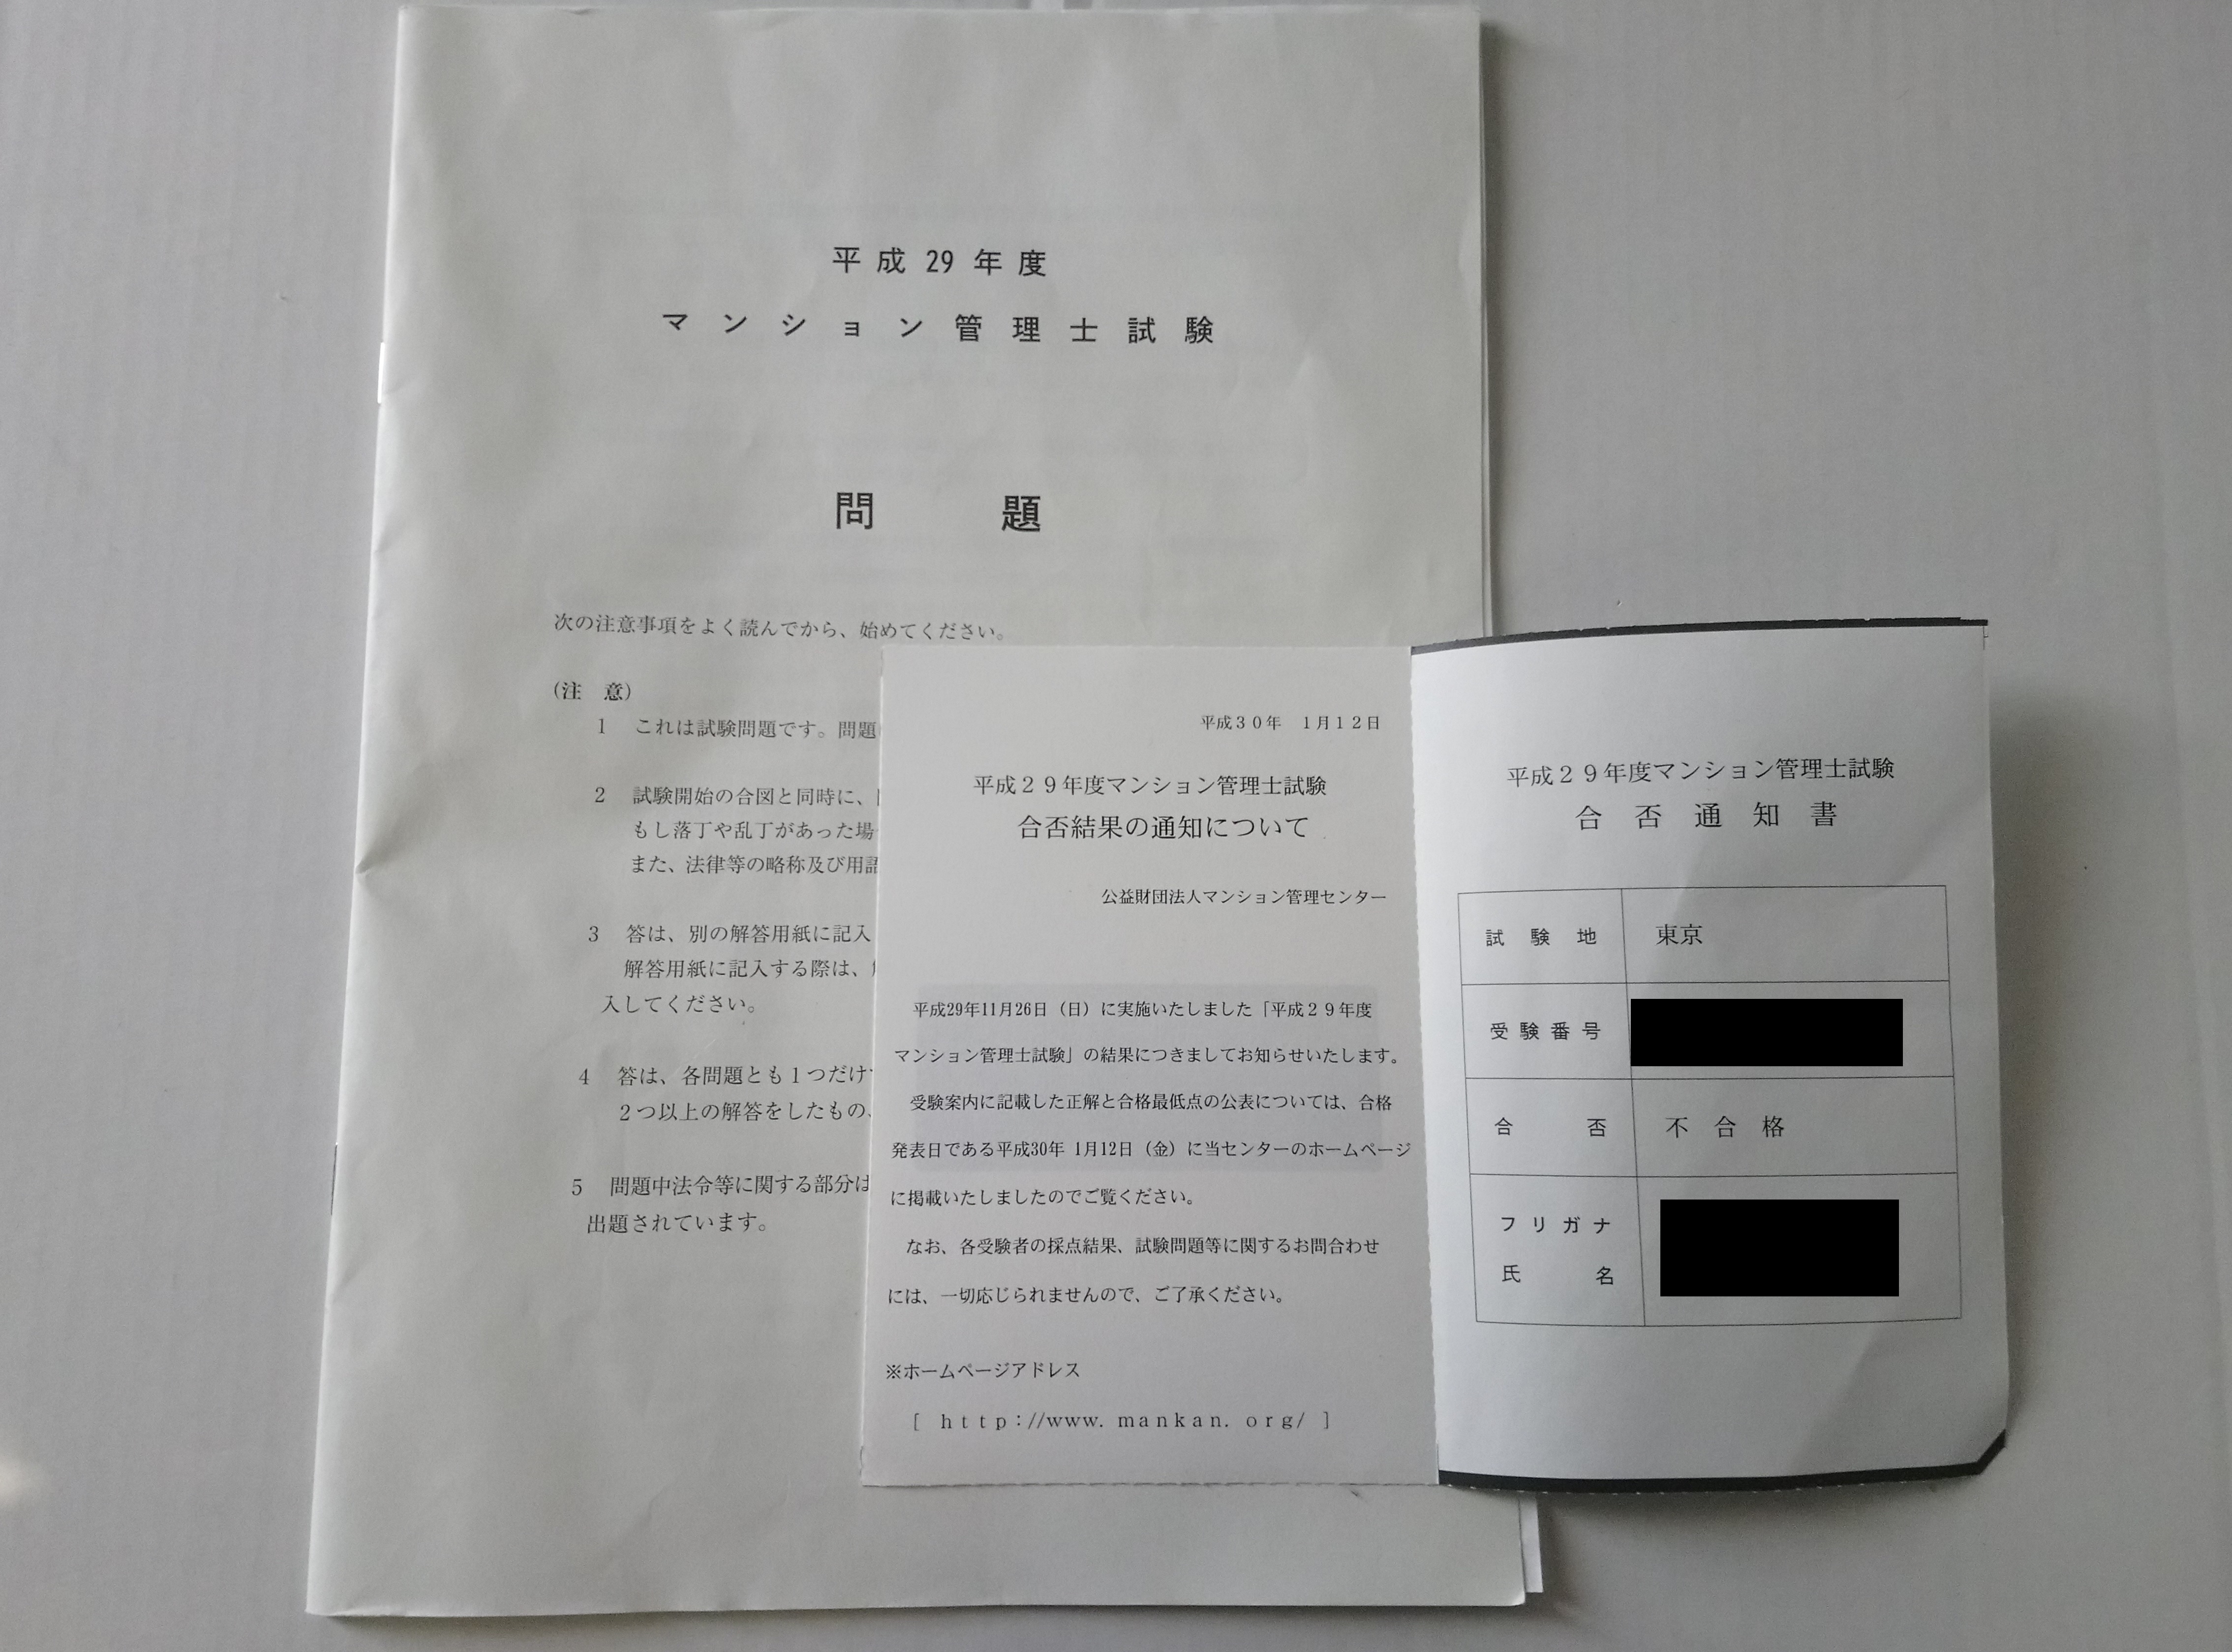 【第6回】 マンション管理士・管理業務主任者試験を受けてみる 【合否結果】